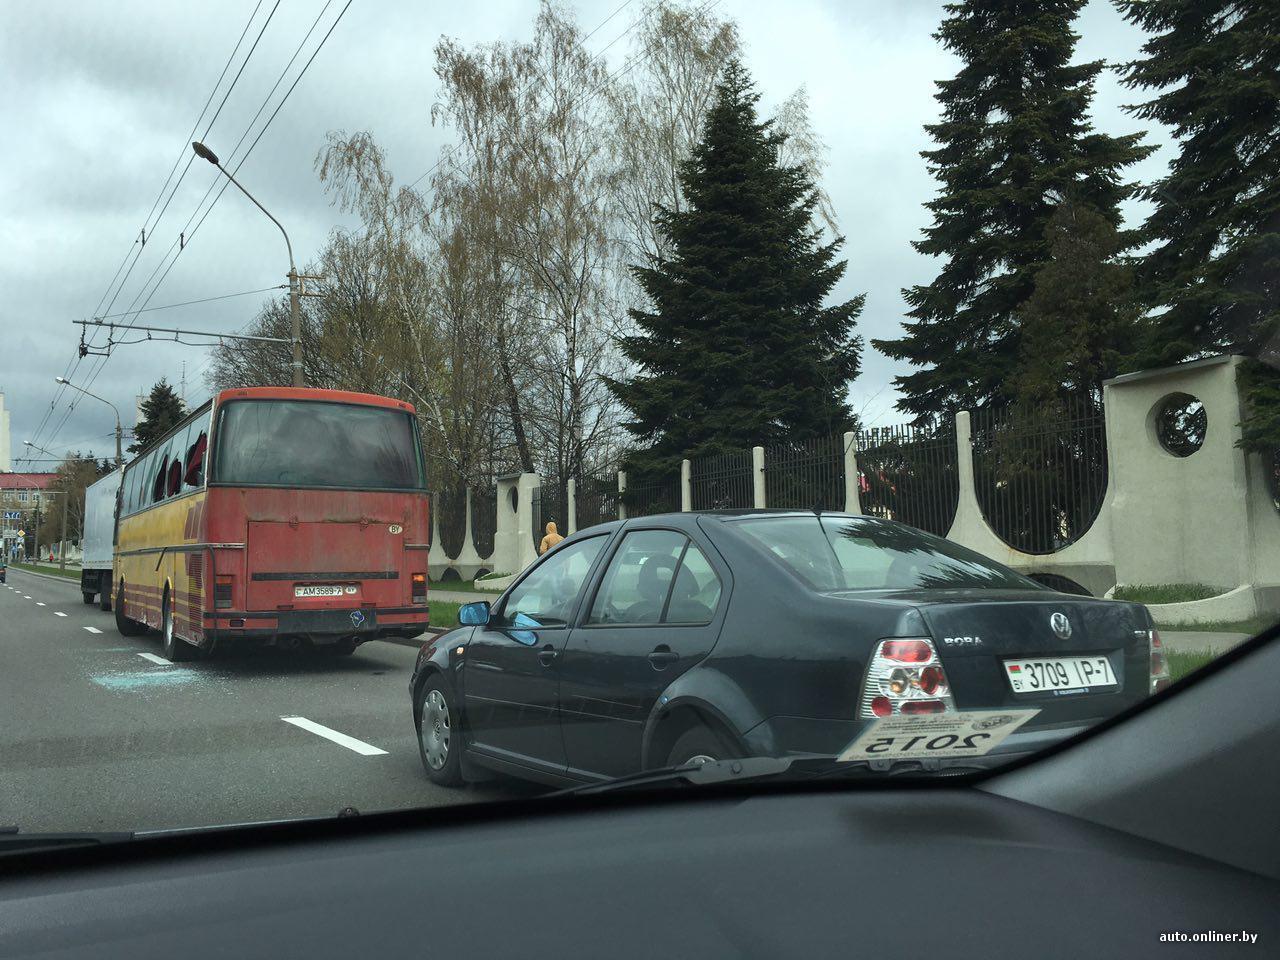 razvleksya-s-devushkoy-v-avtobuse-zhenskie-paltsi-nog-russkih-znamenitostey-kartinki